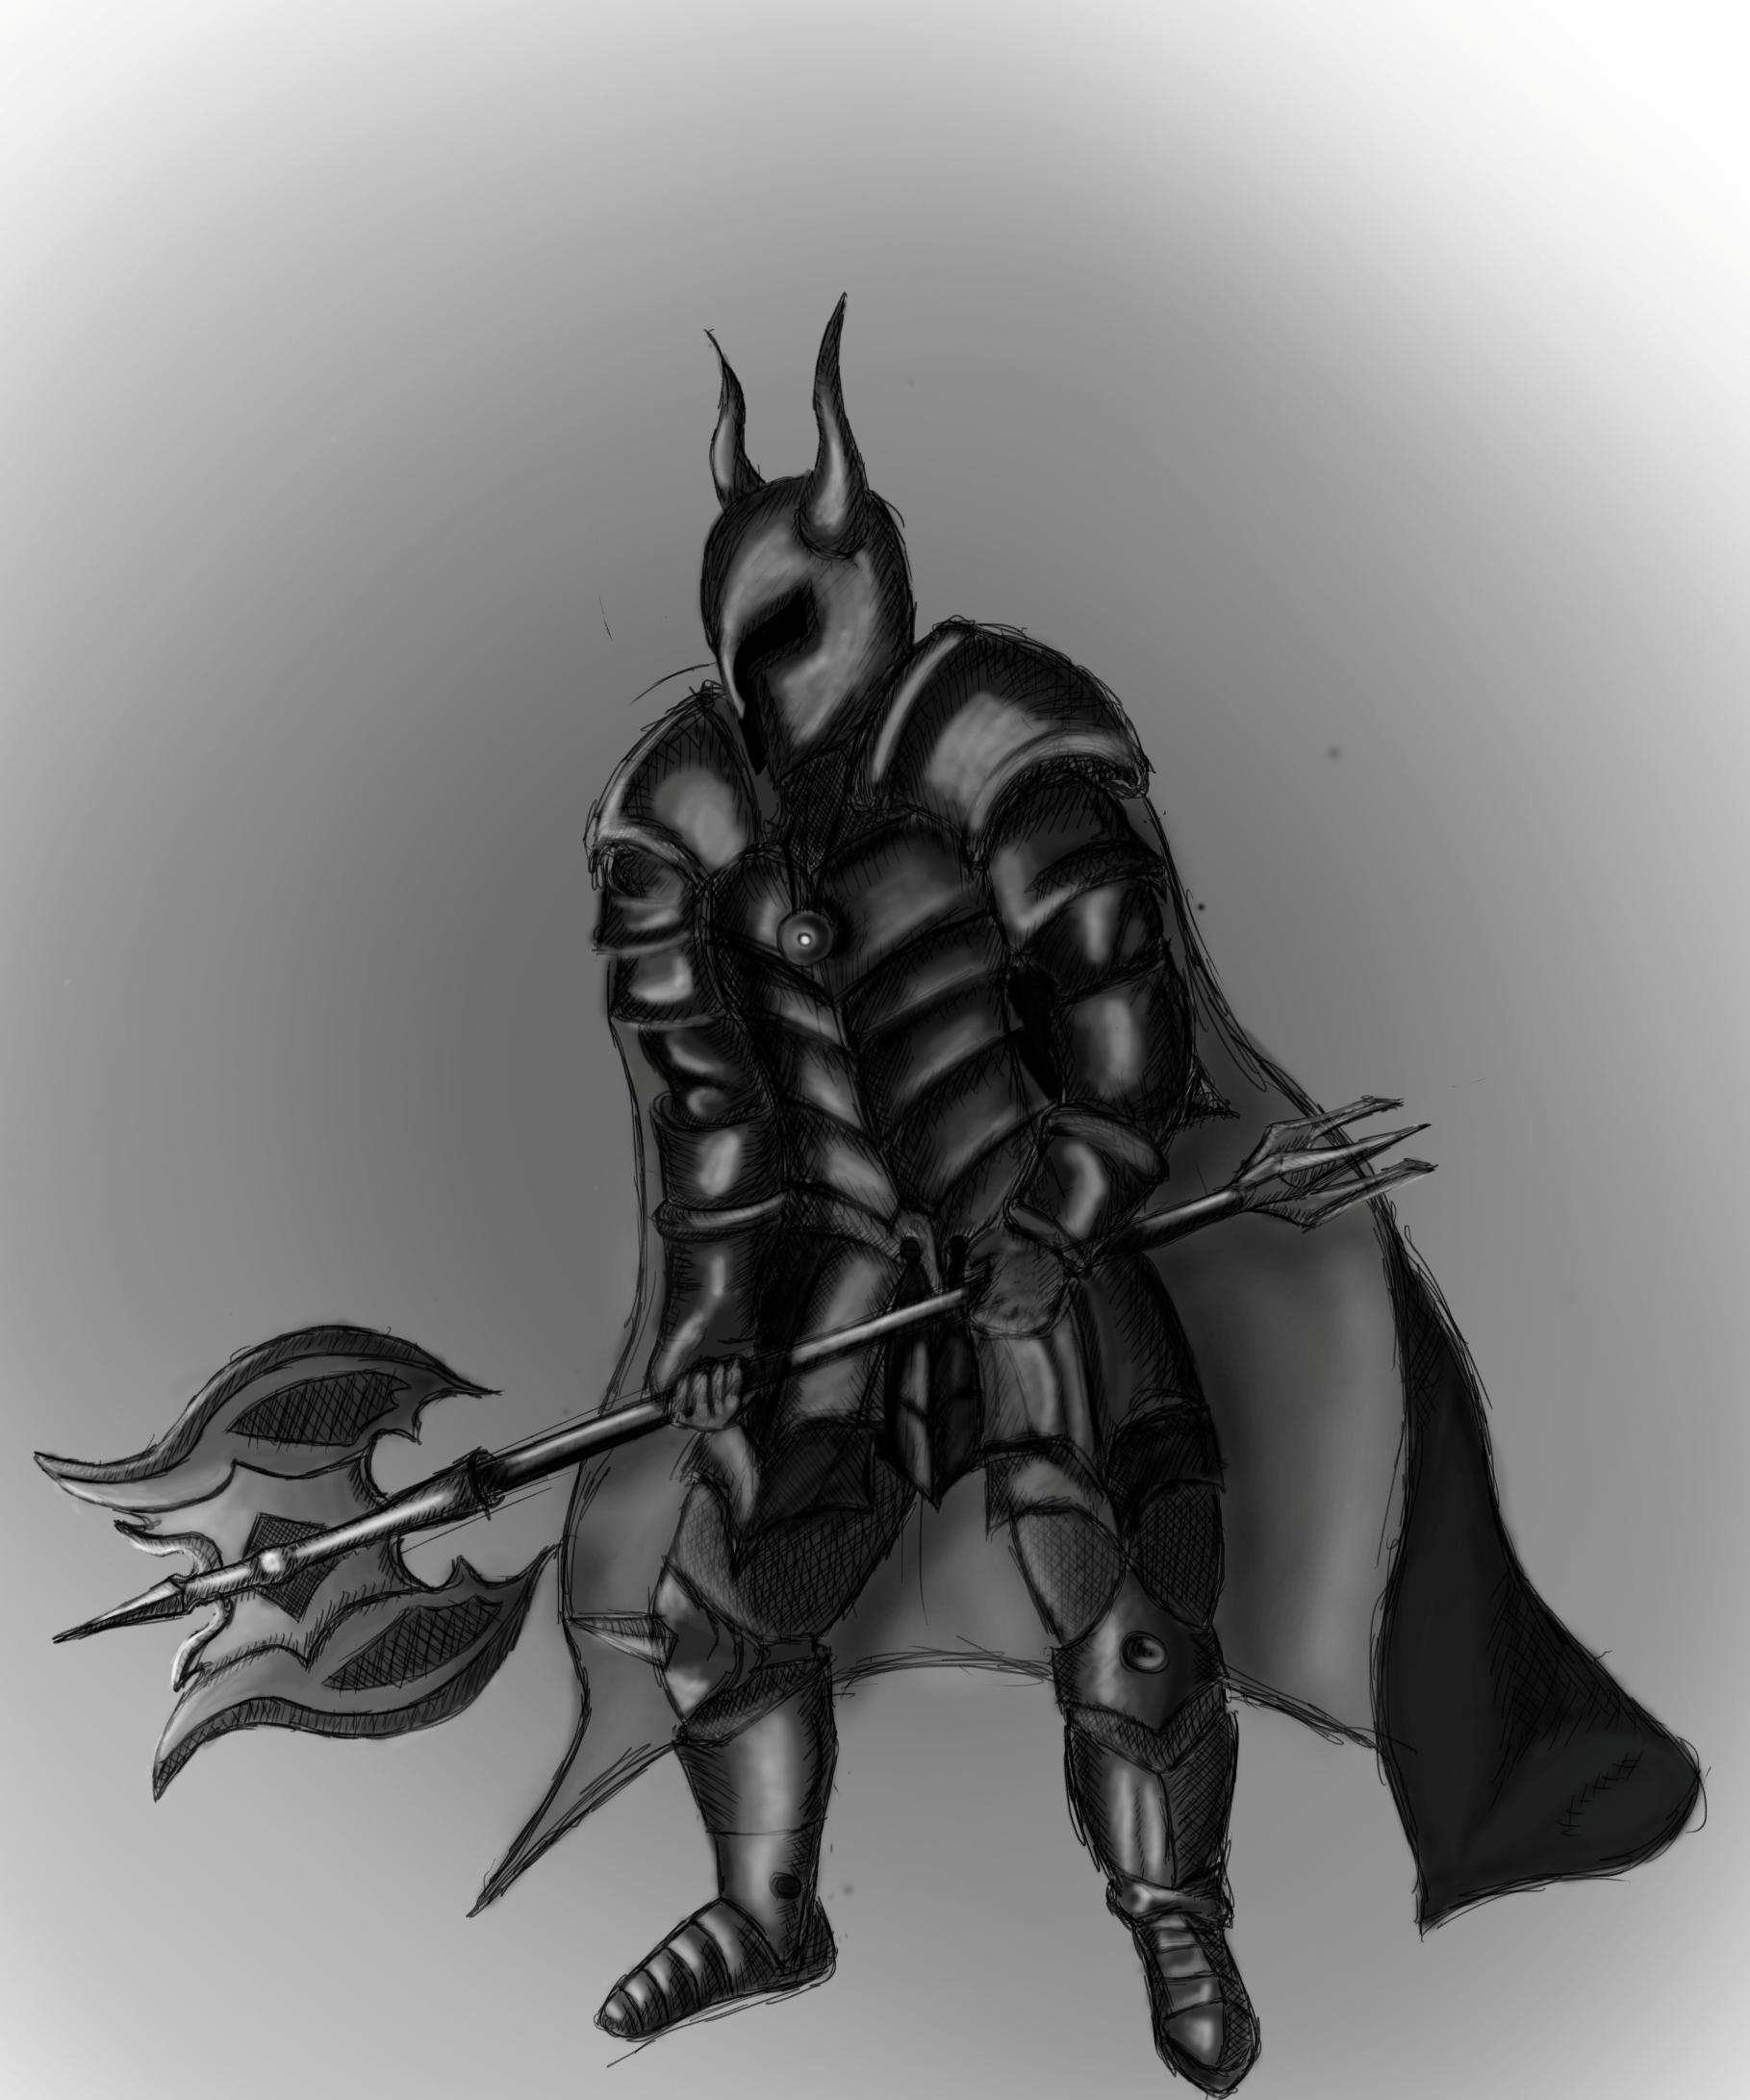 Battleready Knight